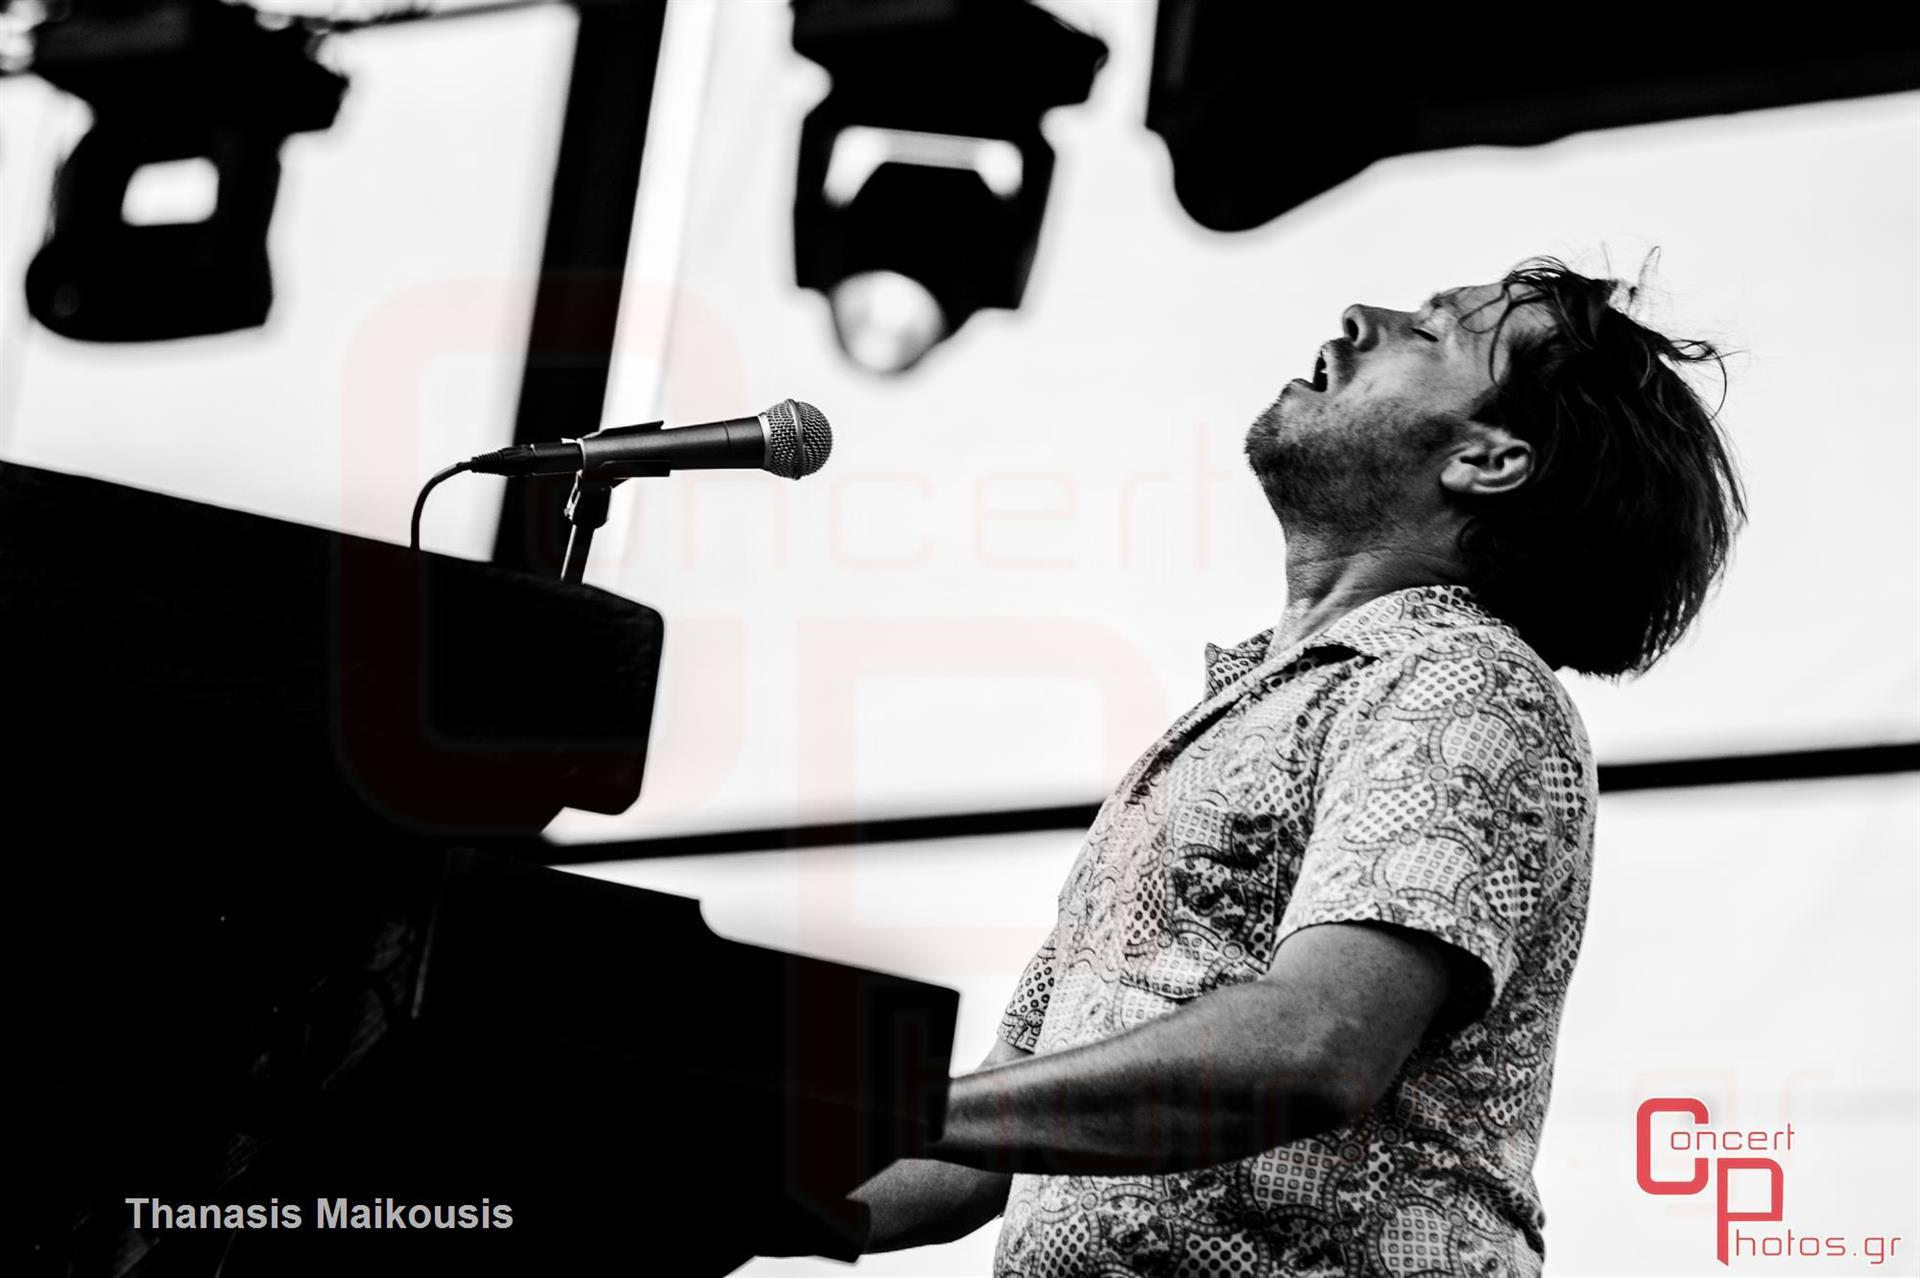 Monophonics-Monophonics photographer: Thanasis Maikousis - concertphotos_-7839